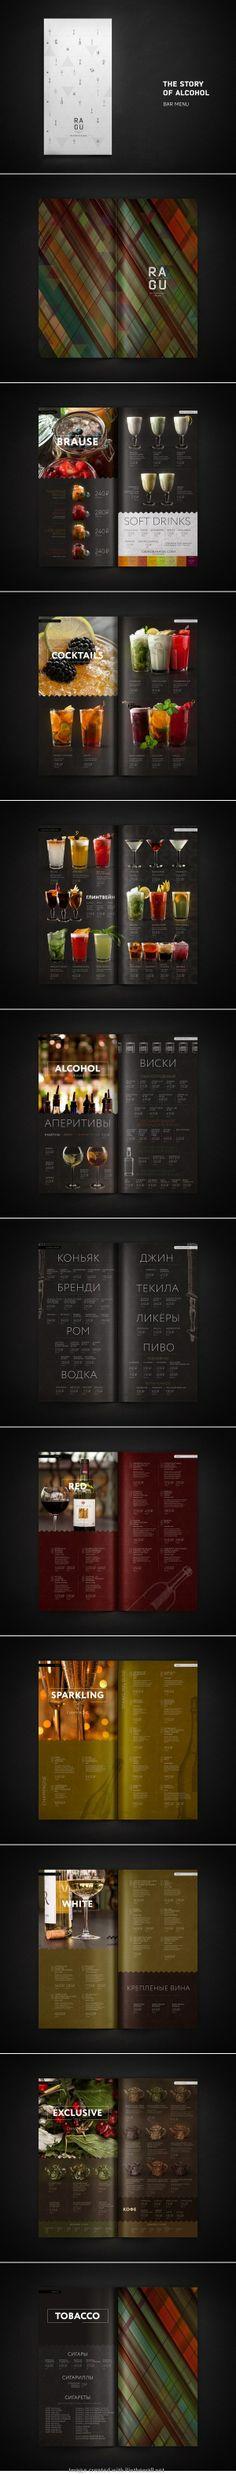 381 best Menu food drink images on Pinterest Menu layout, Food - restarunt brochure